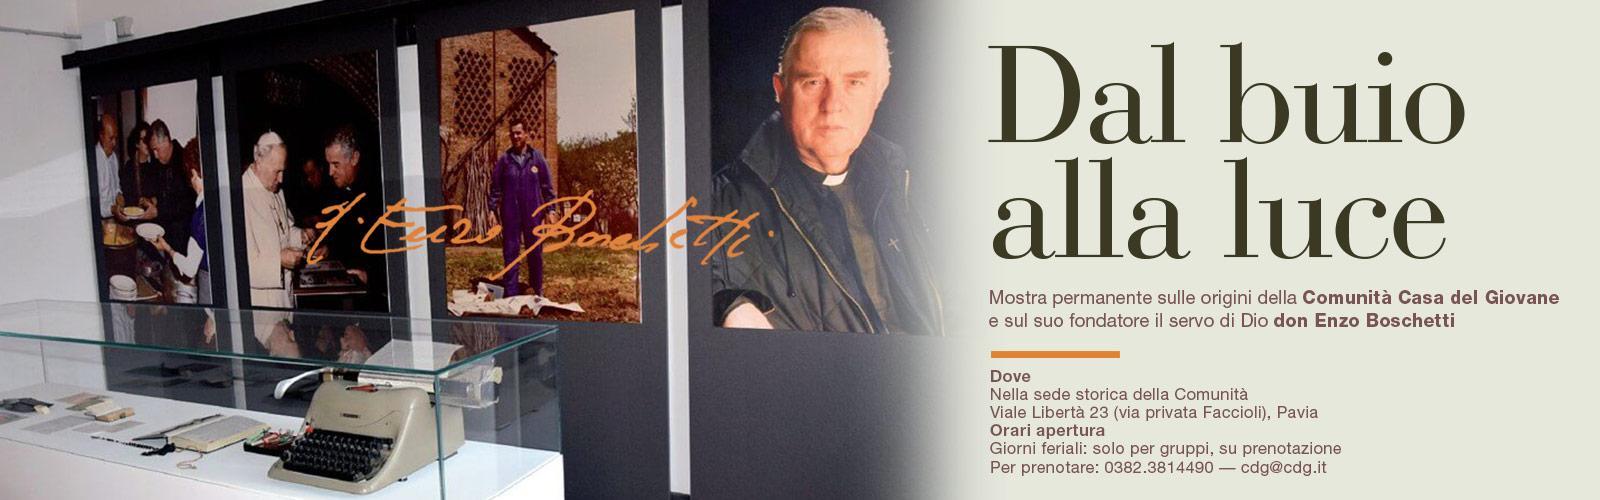 dal buio alla luce - Casa del Giovane Pavia